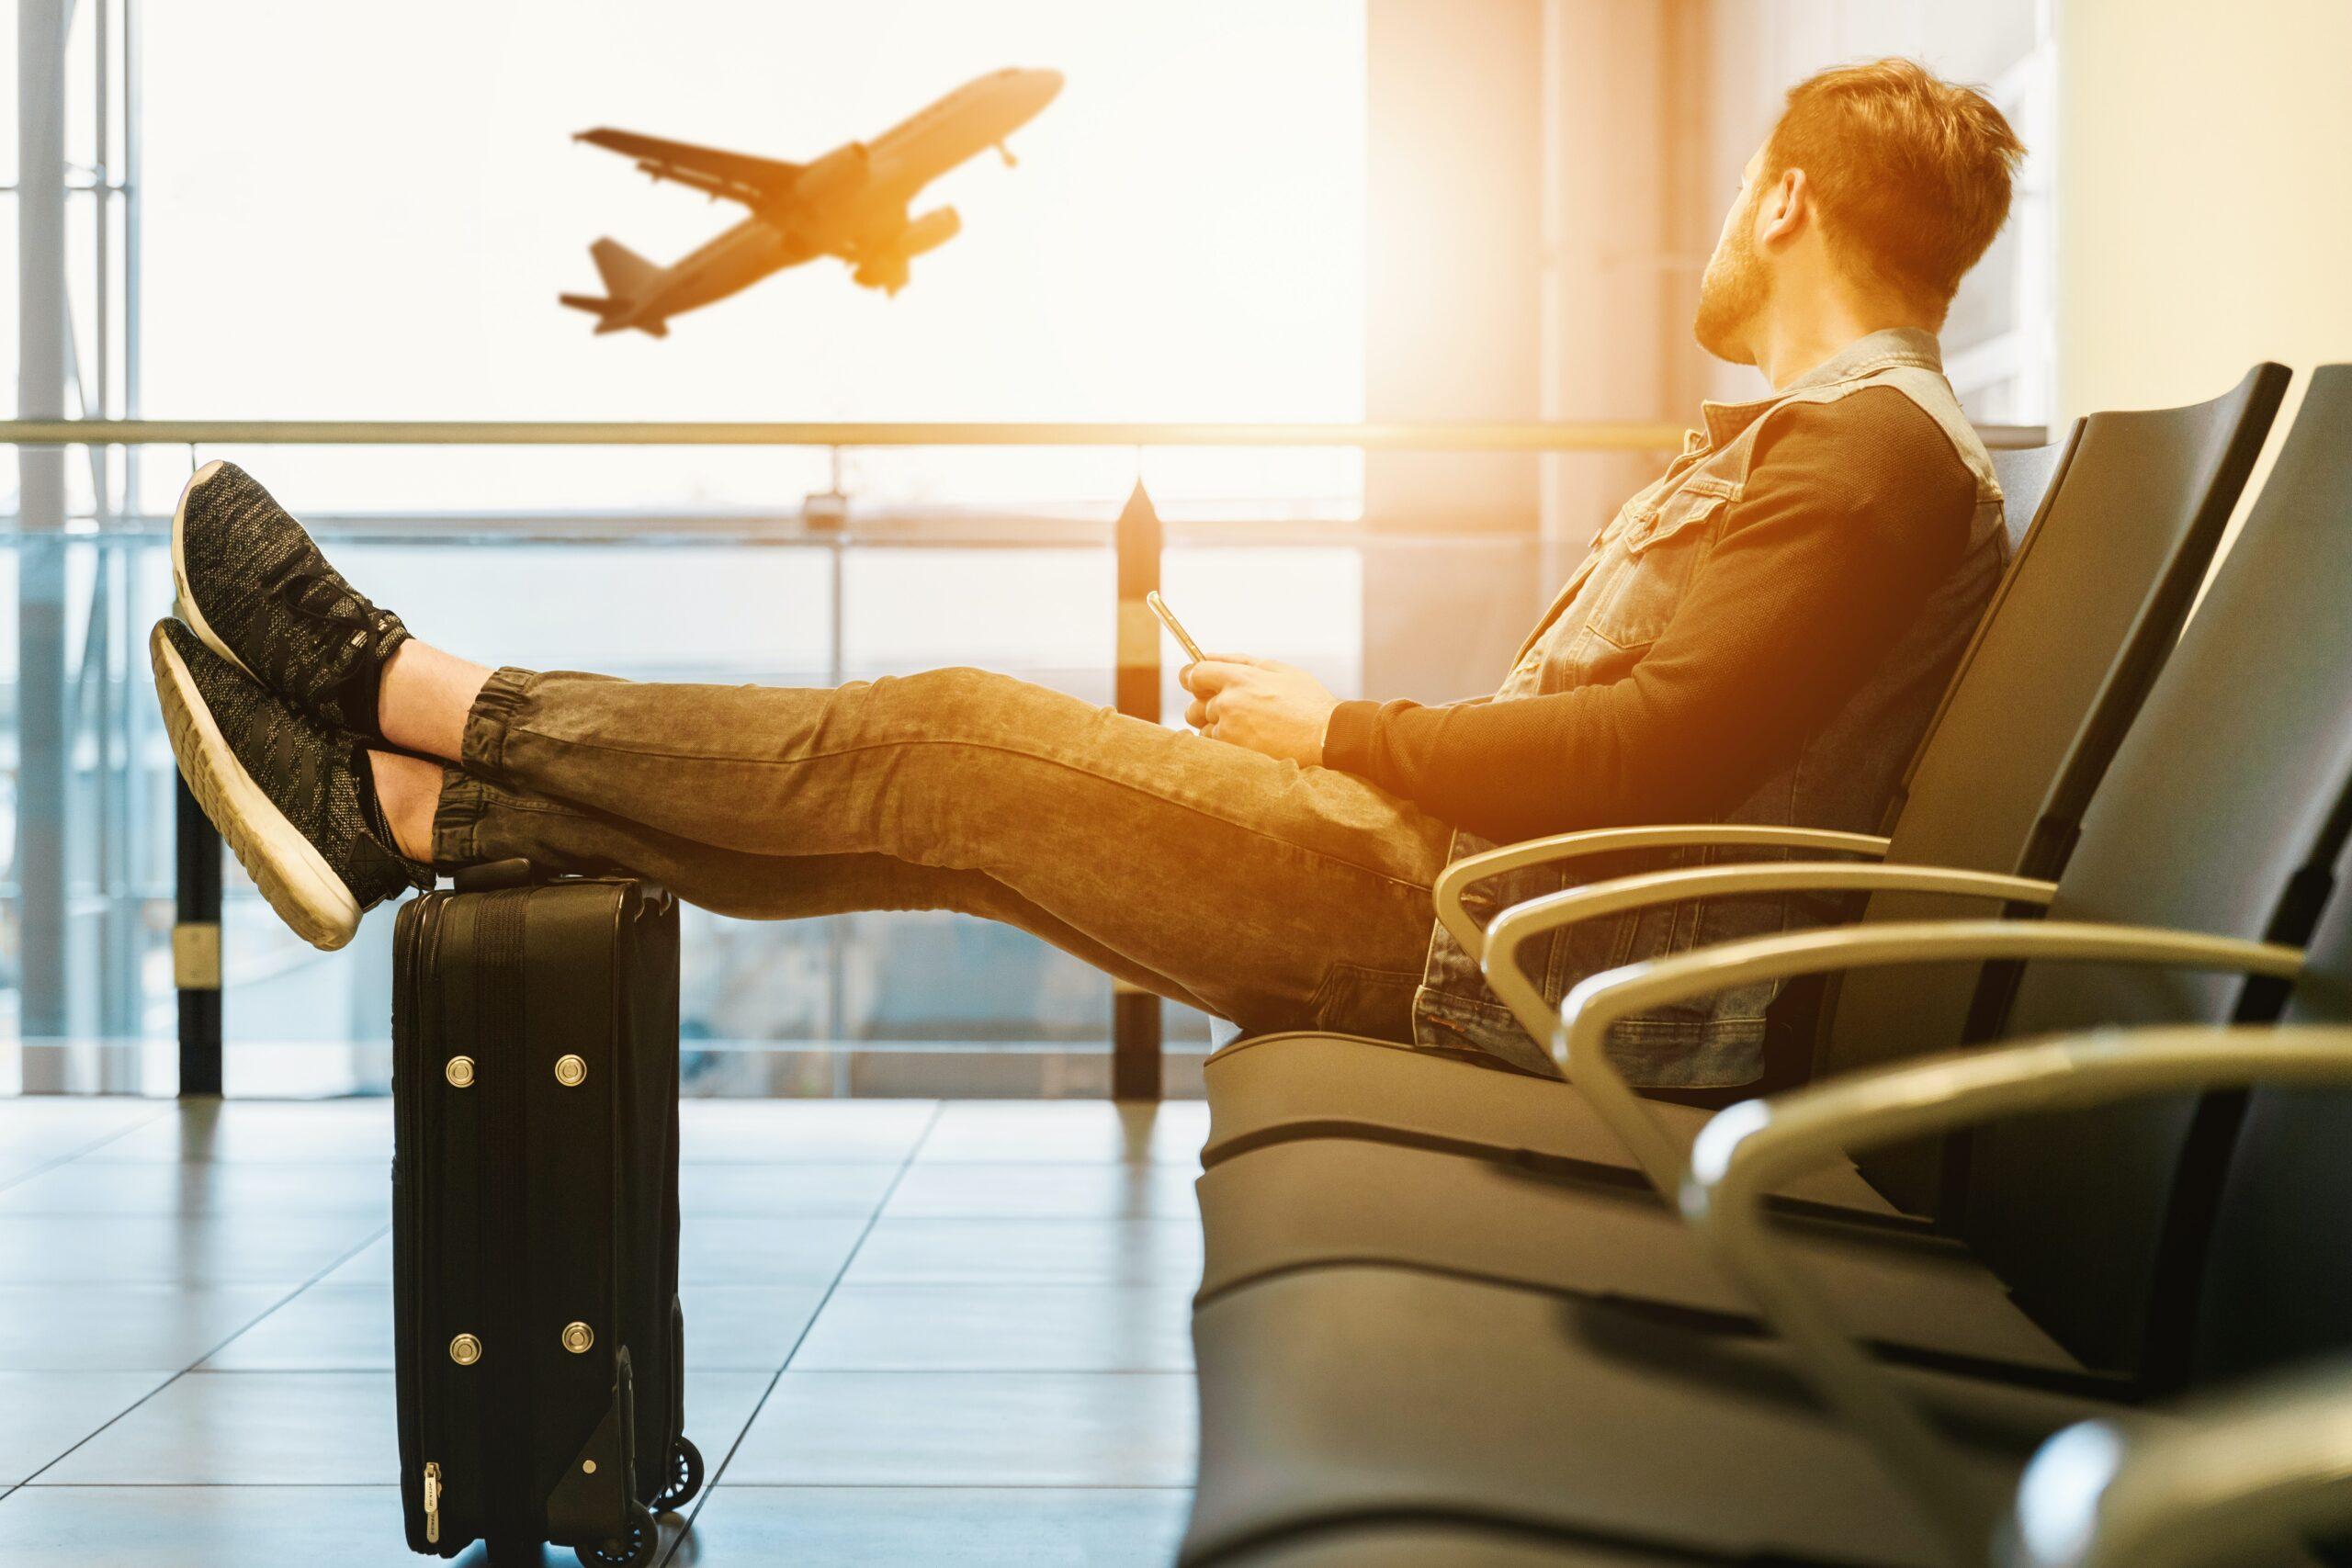 Elektronske cigarete i putovanje avionom